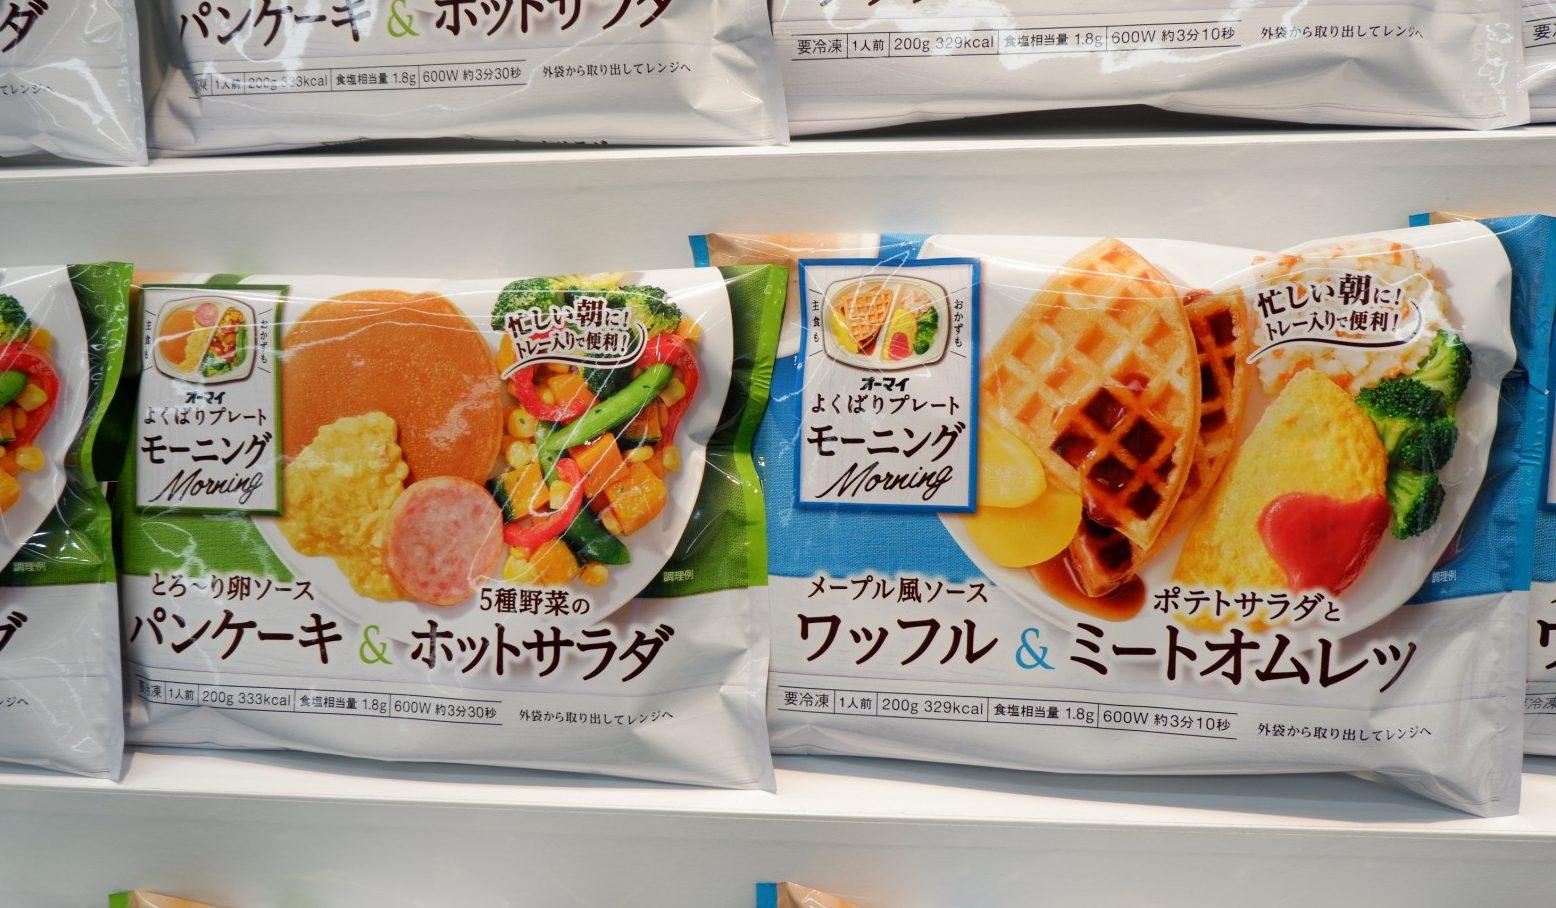 「朝食」のワンプレート提案、ニップンから。ターゲットは働く女性